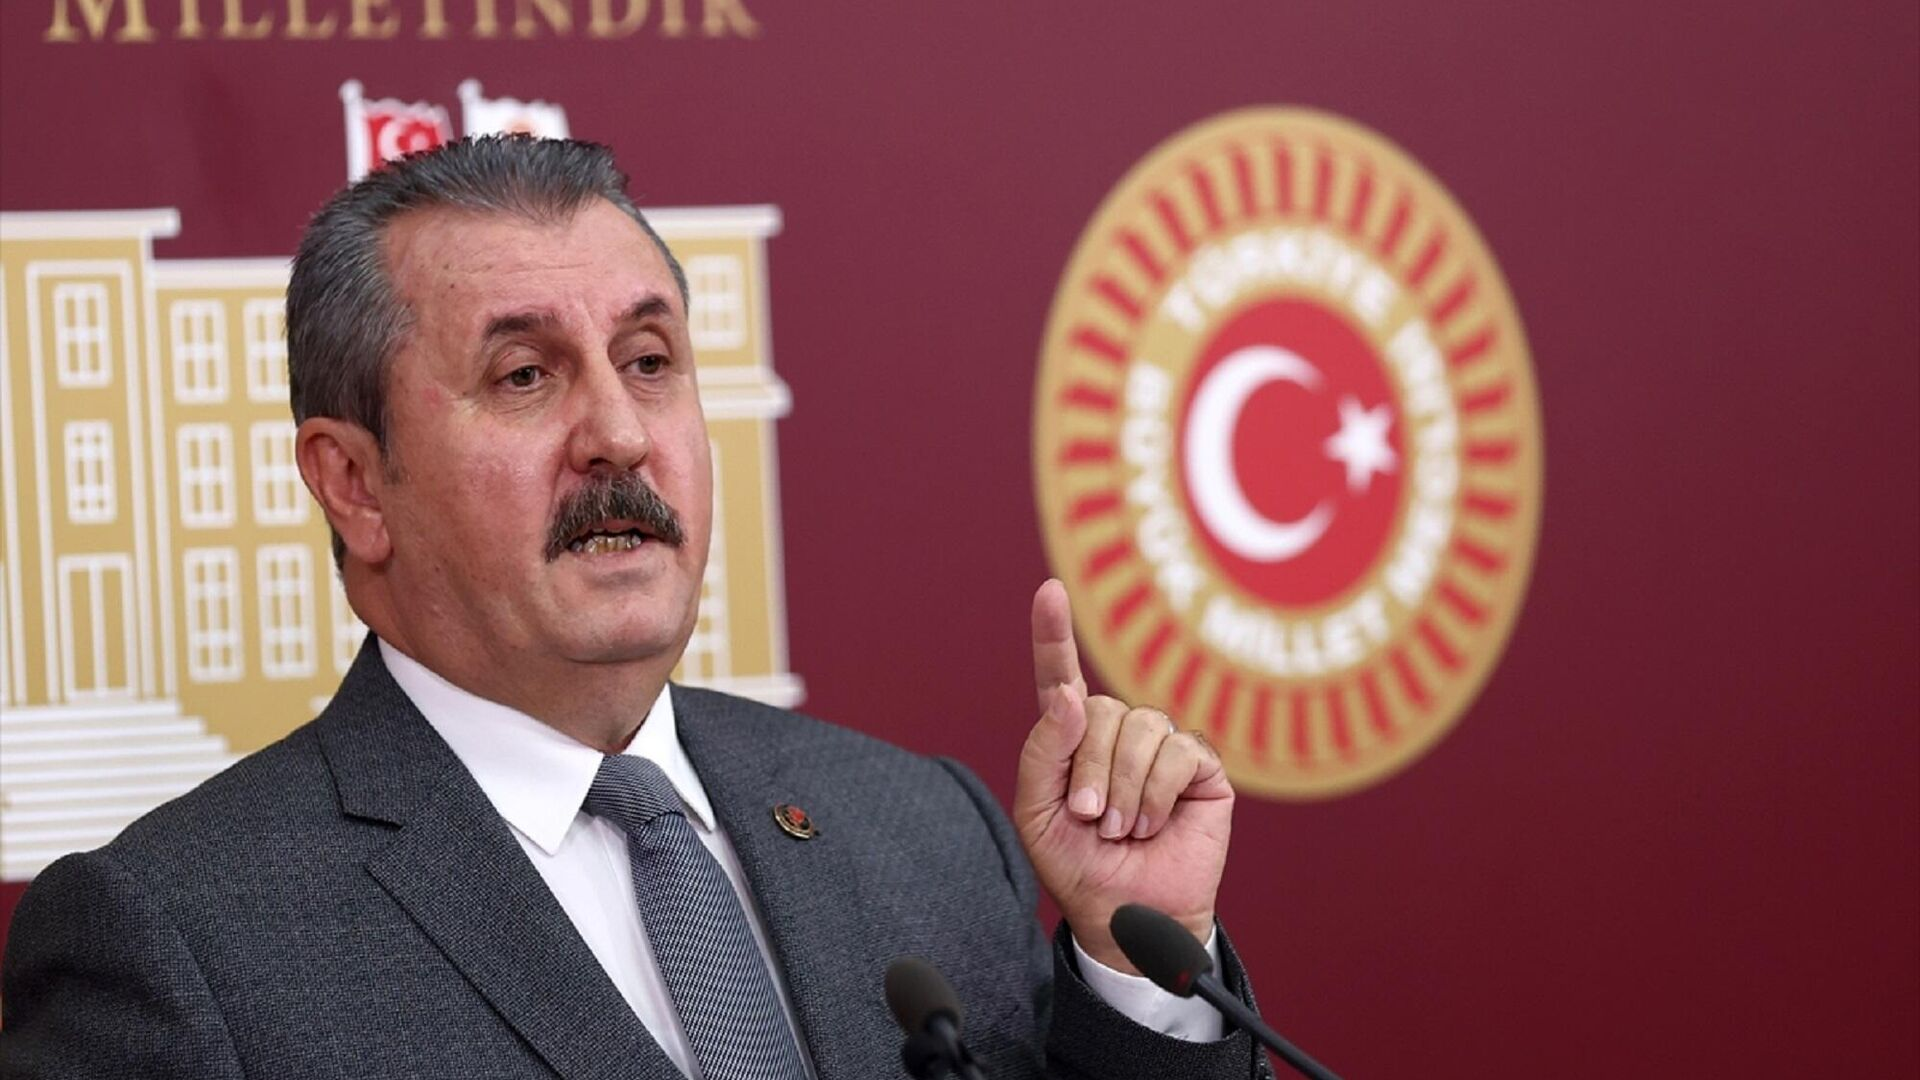 Büyük Birlik Partisi (BBP) Genel Başkanı Mustafa Destici, TBMM'de basın toplantısı düzenledi.  - Sputnik Türkiye, 1920, 28.09.2021